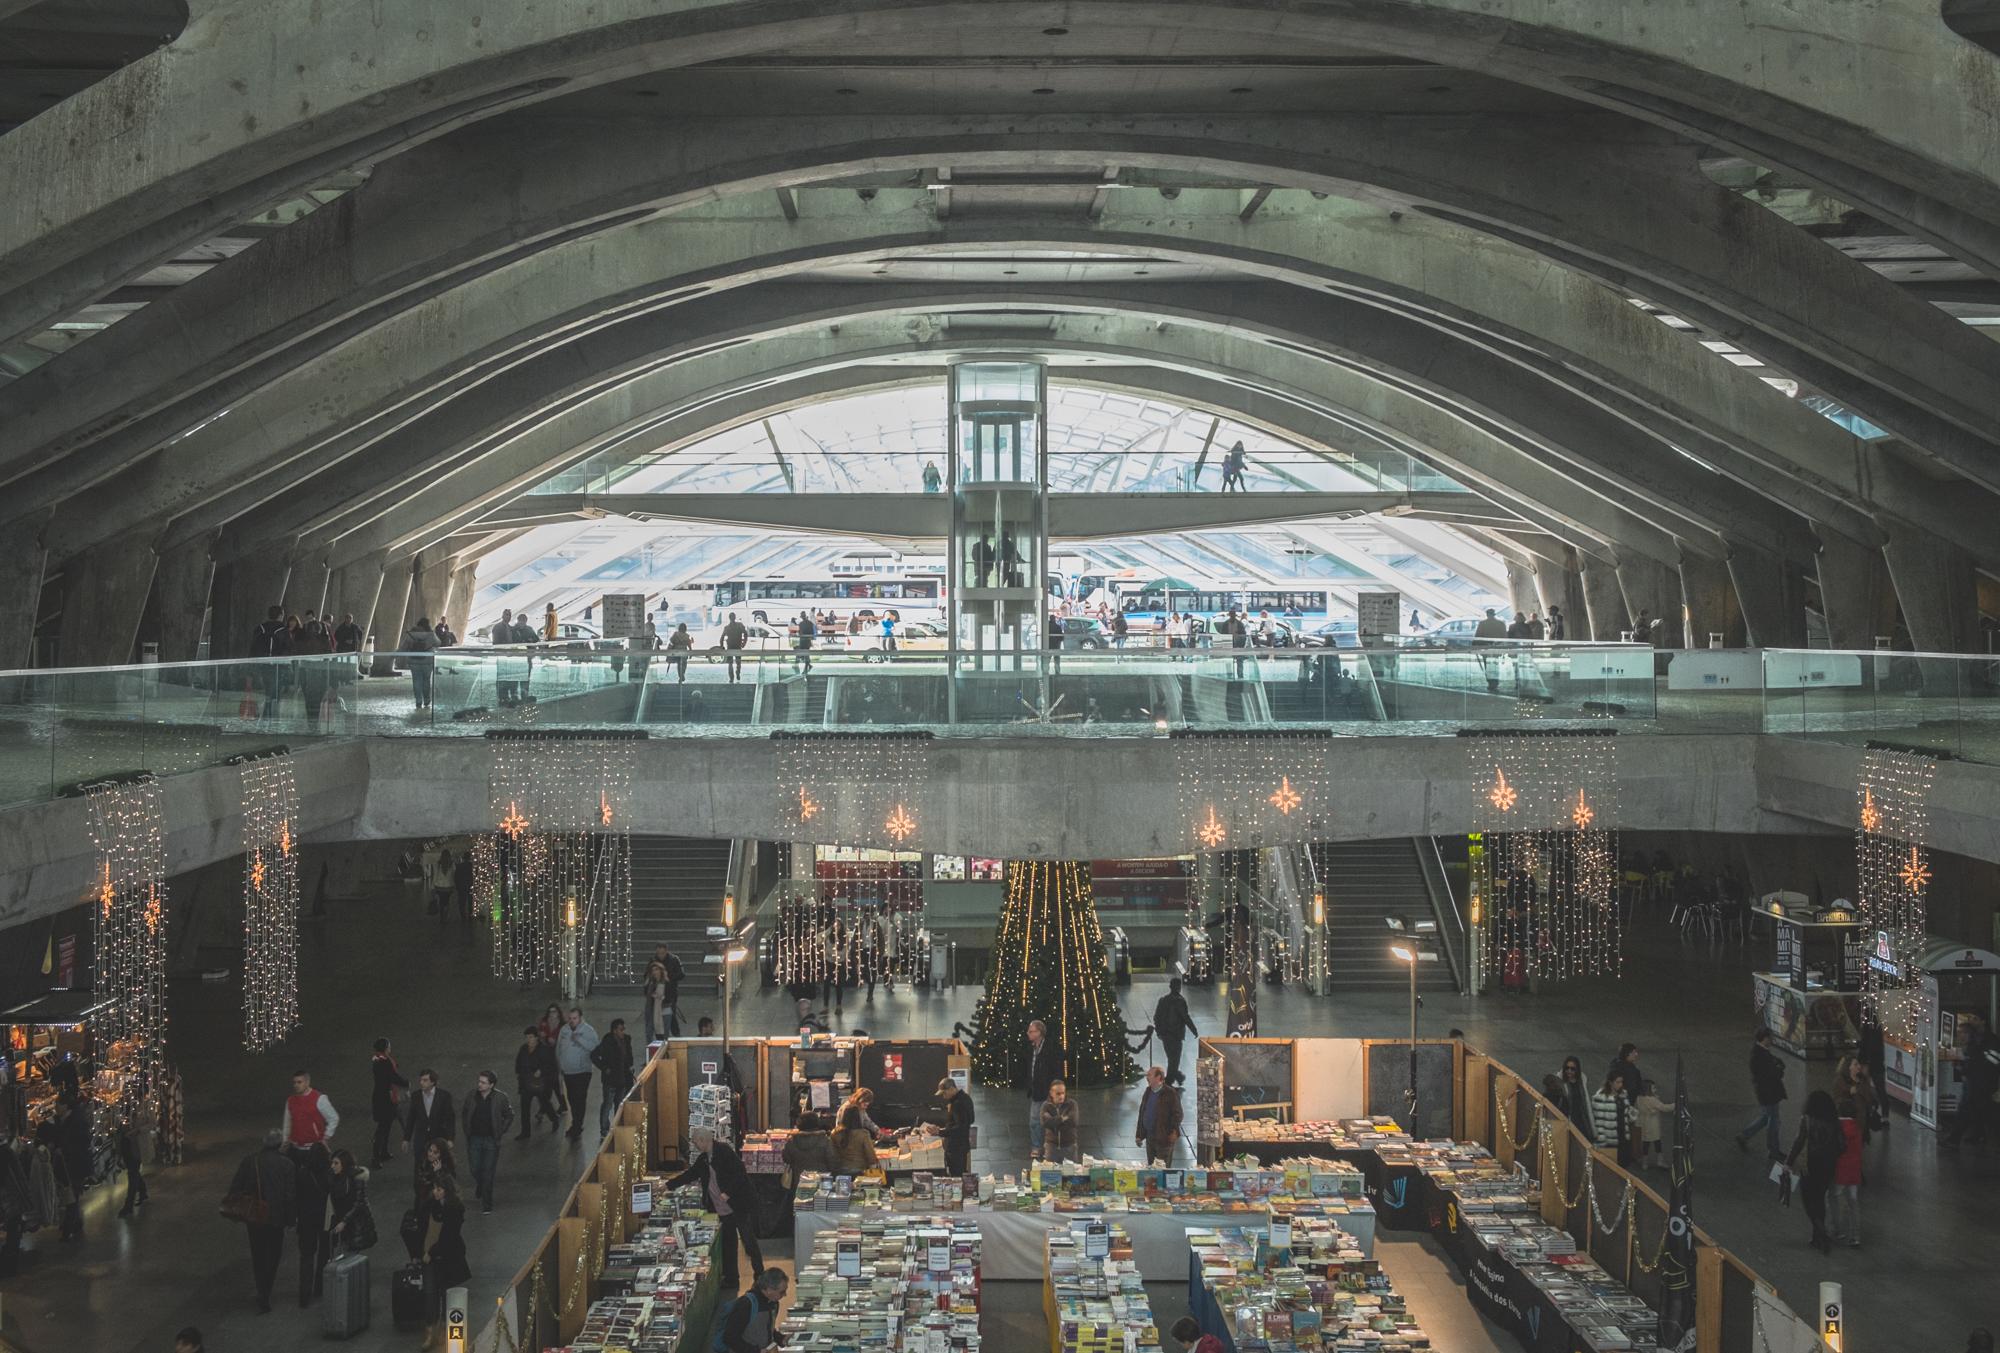 Calatrava's Garo do Oriente Station